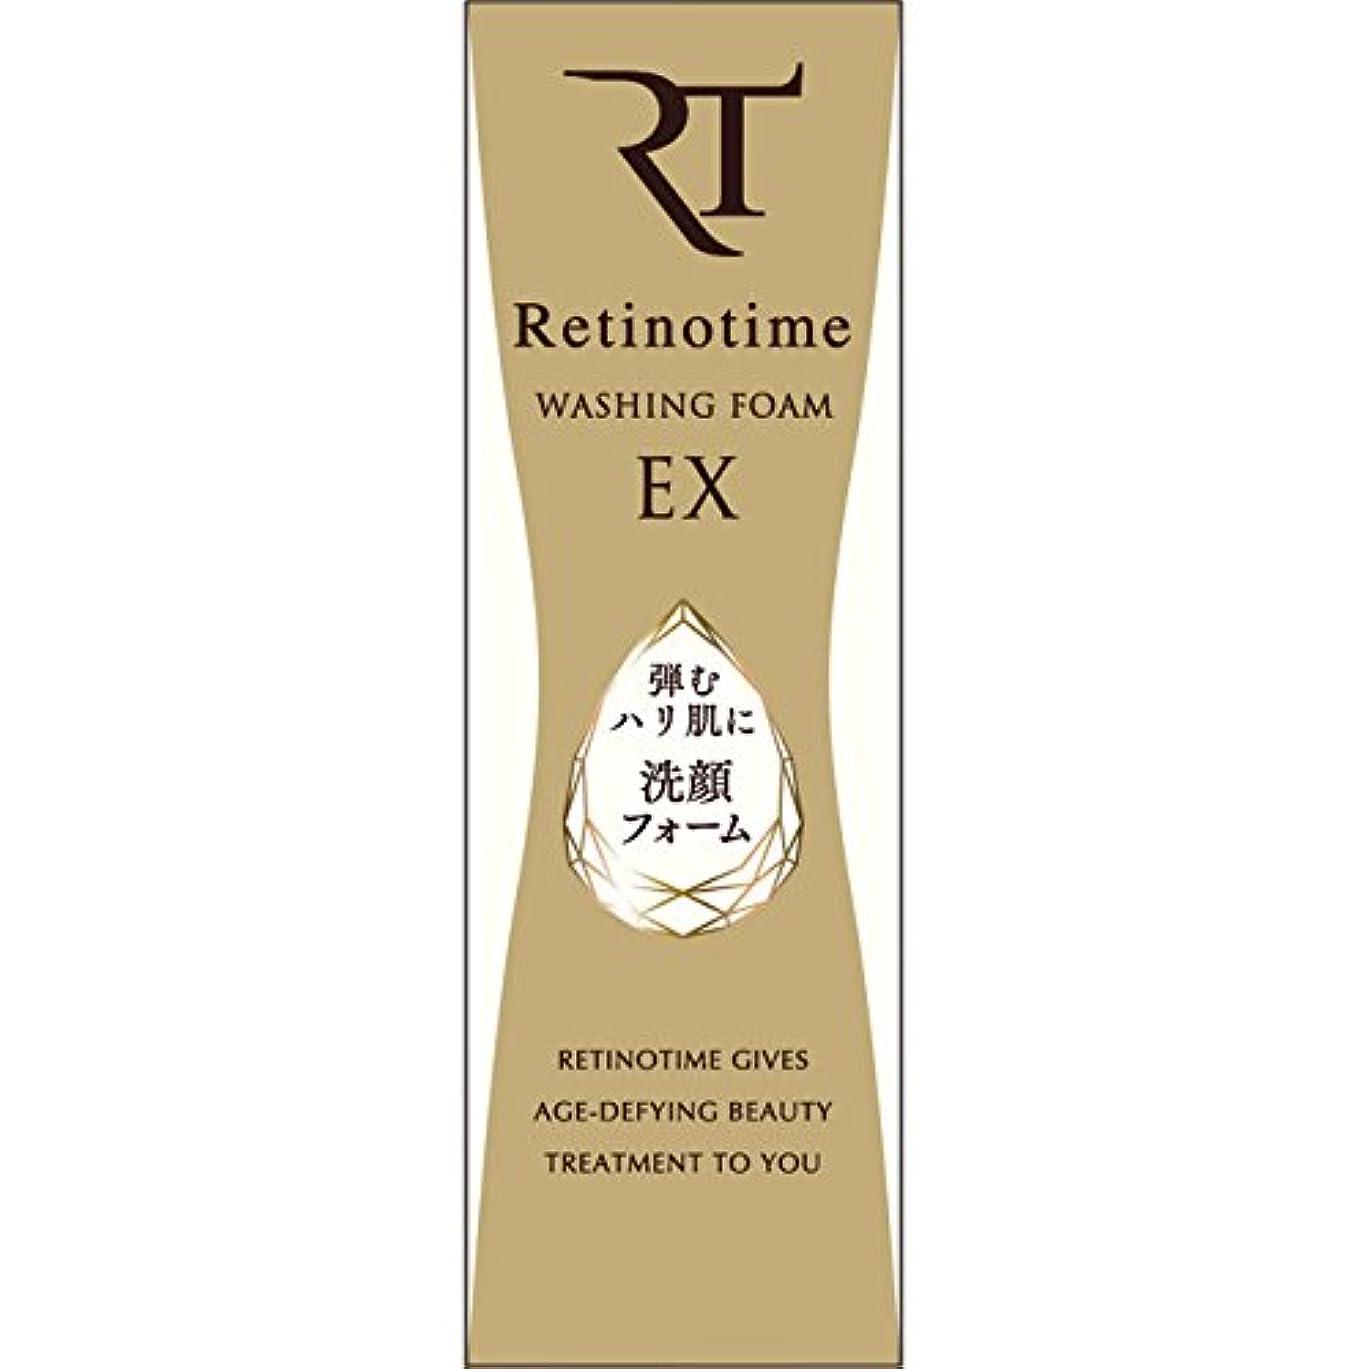 生理オーバーヘッド飾るレチノタイム ウォッシングフォーム EX 120g